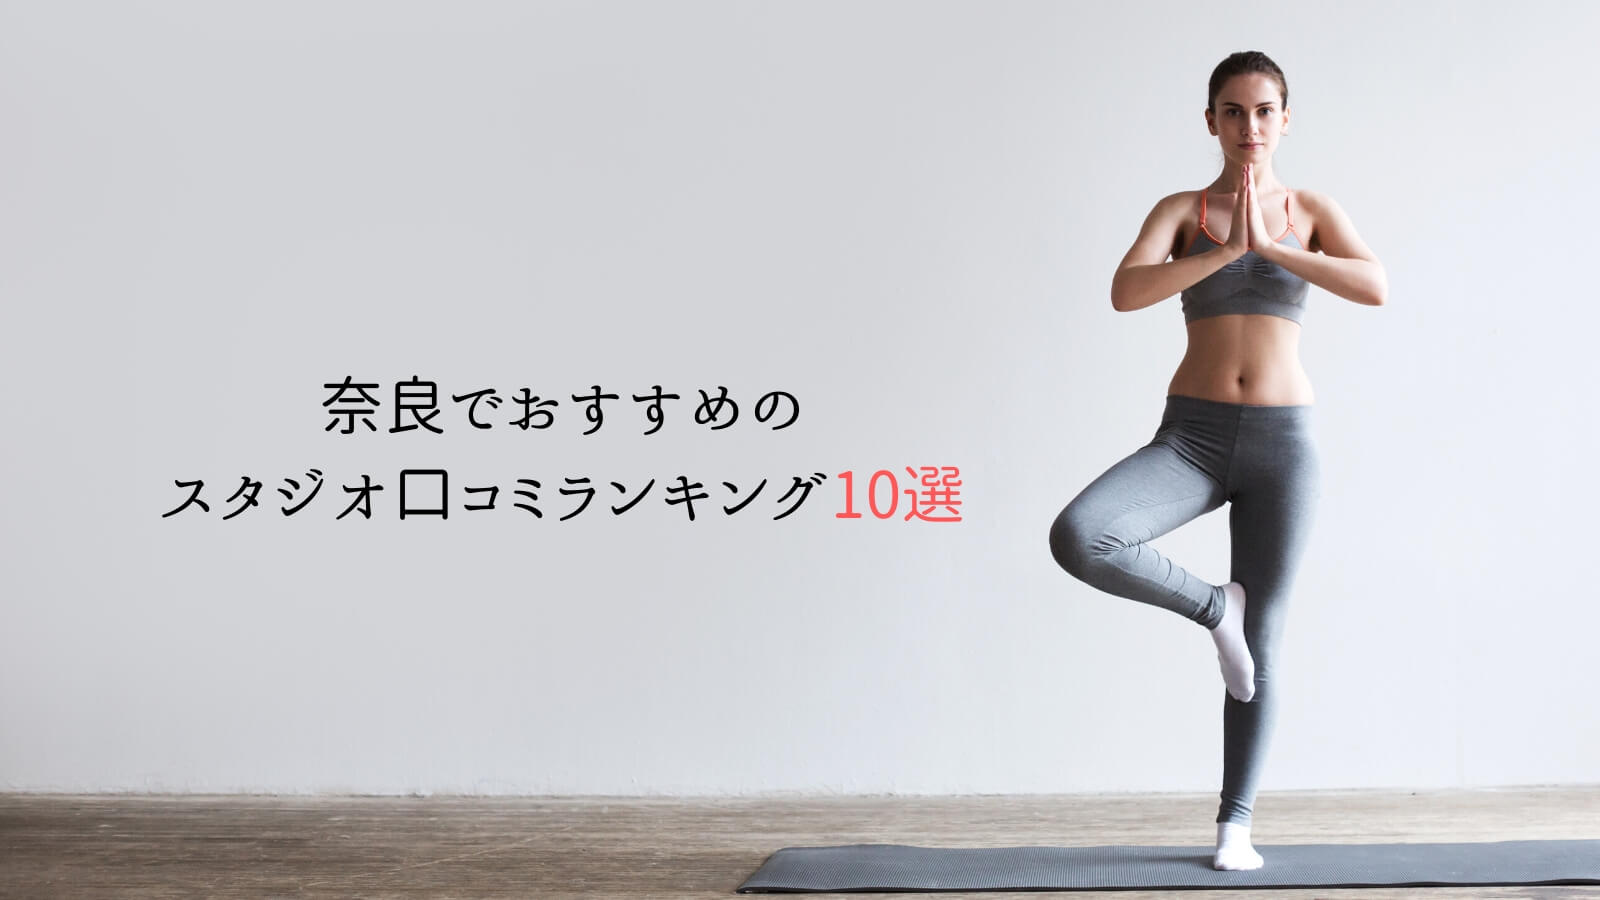 奈良でおすすめのホットヨガスタジオ口コミランキング10選